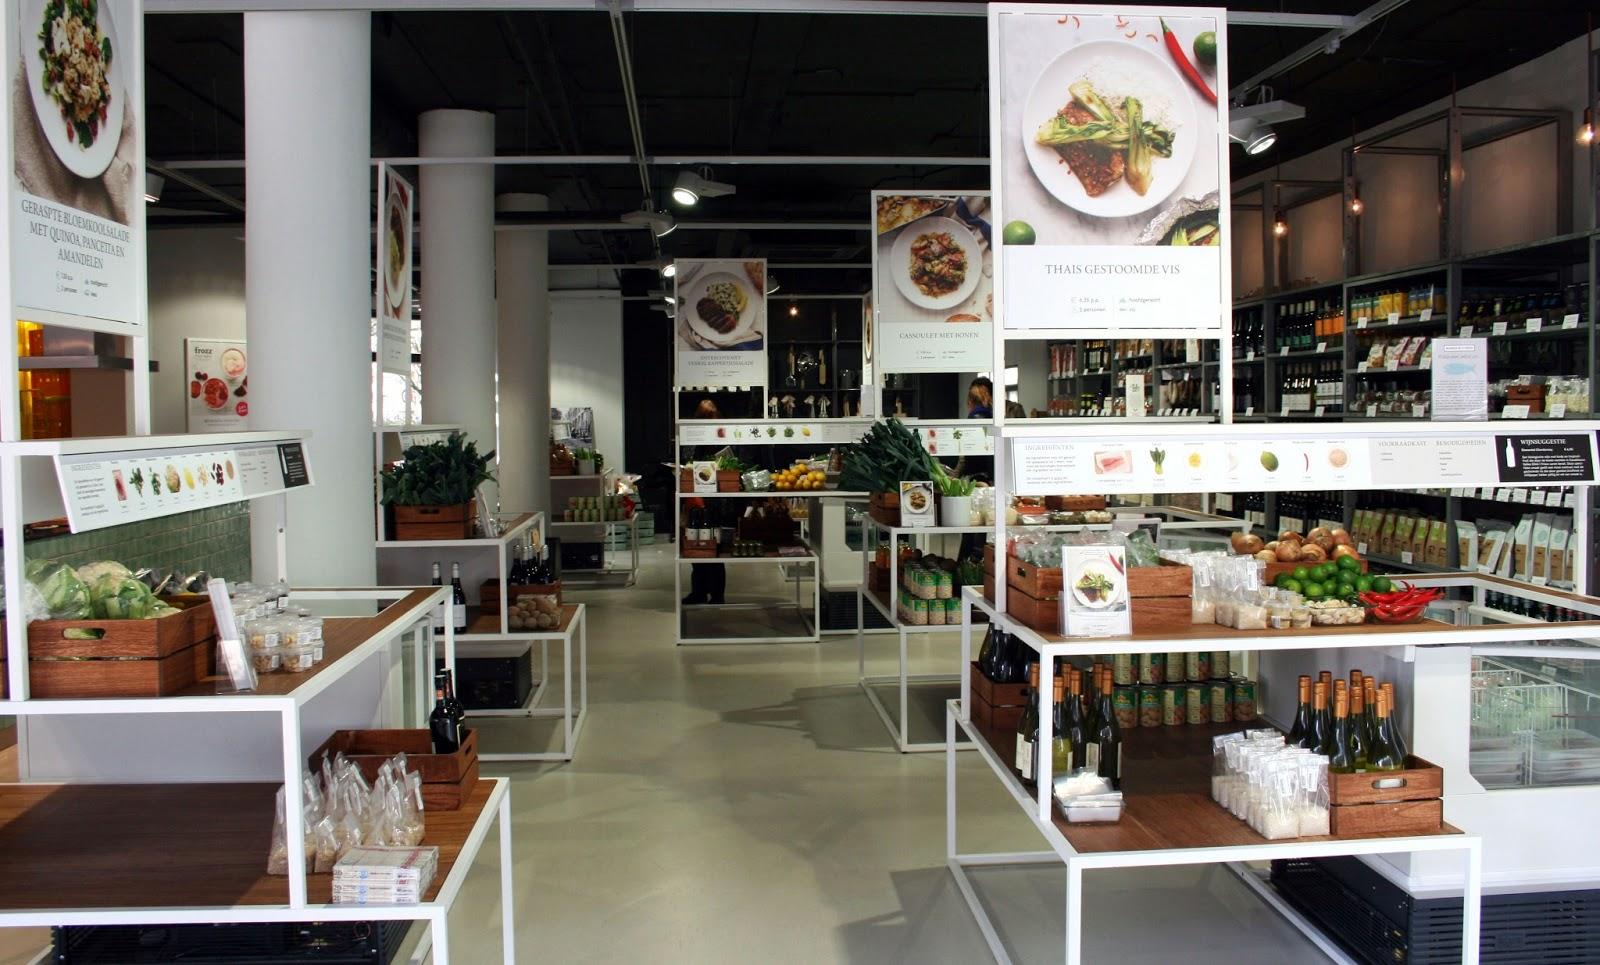 bilder & de clercq, supermarket, food, amsterdam